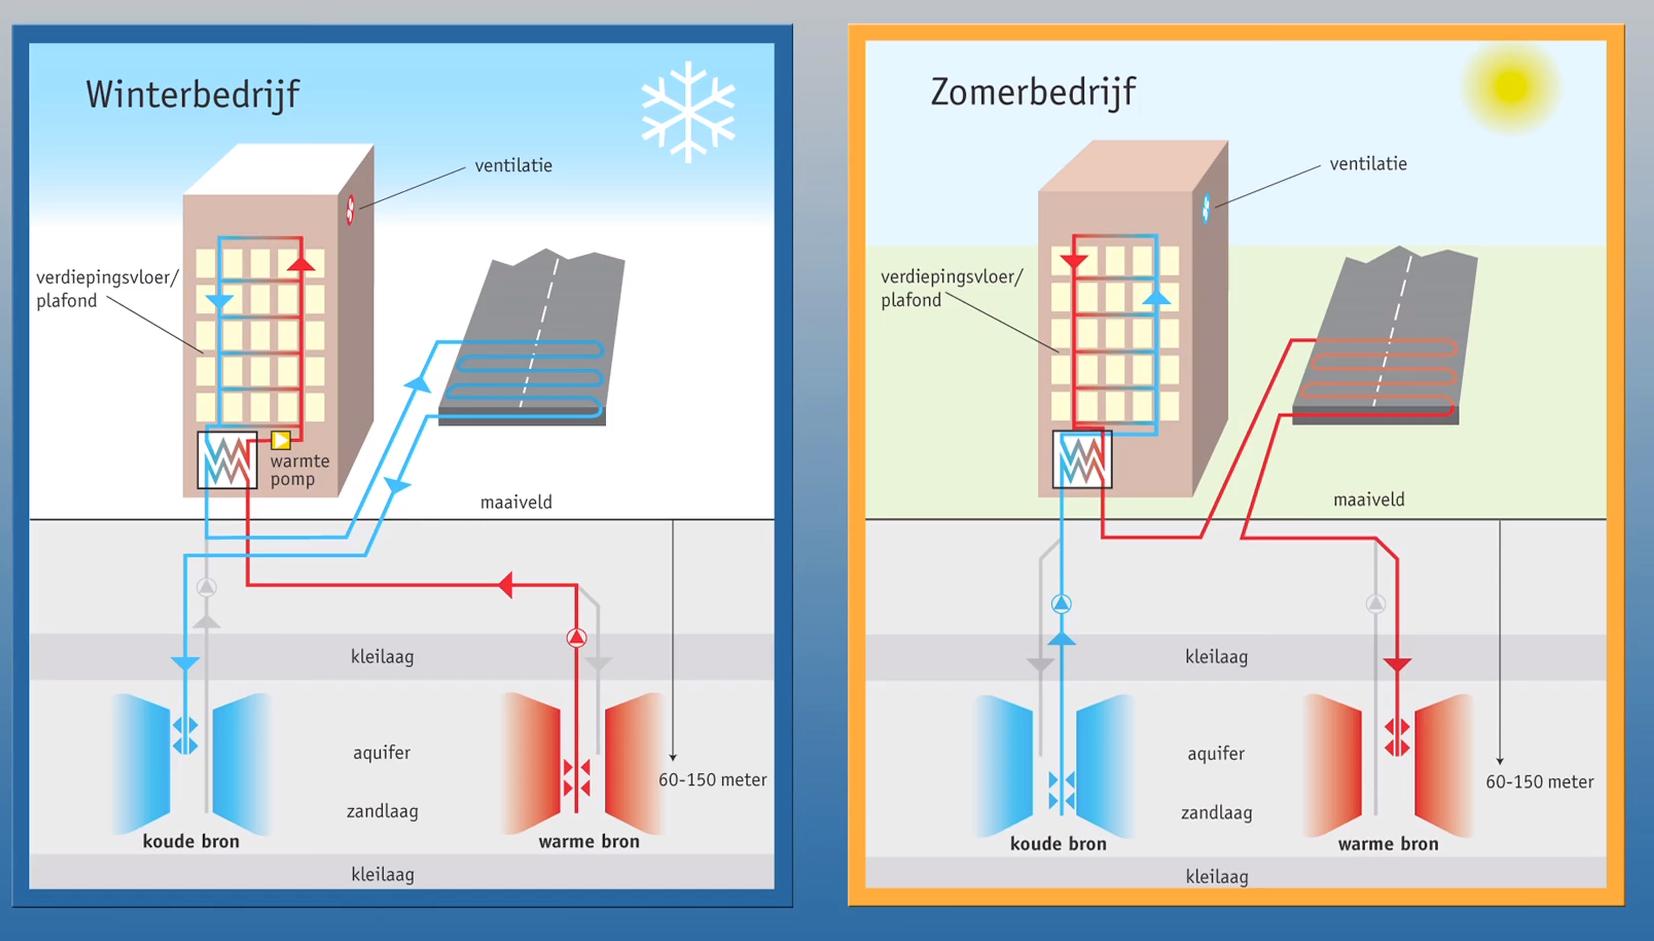 De opslag in zomer en winter van warm en koud water in de bodem